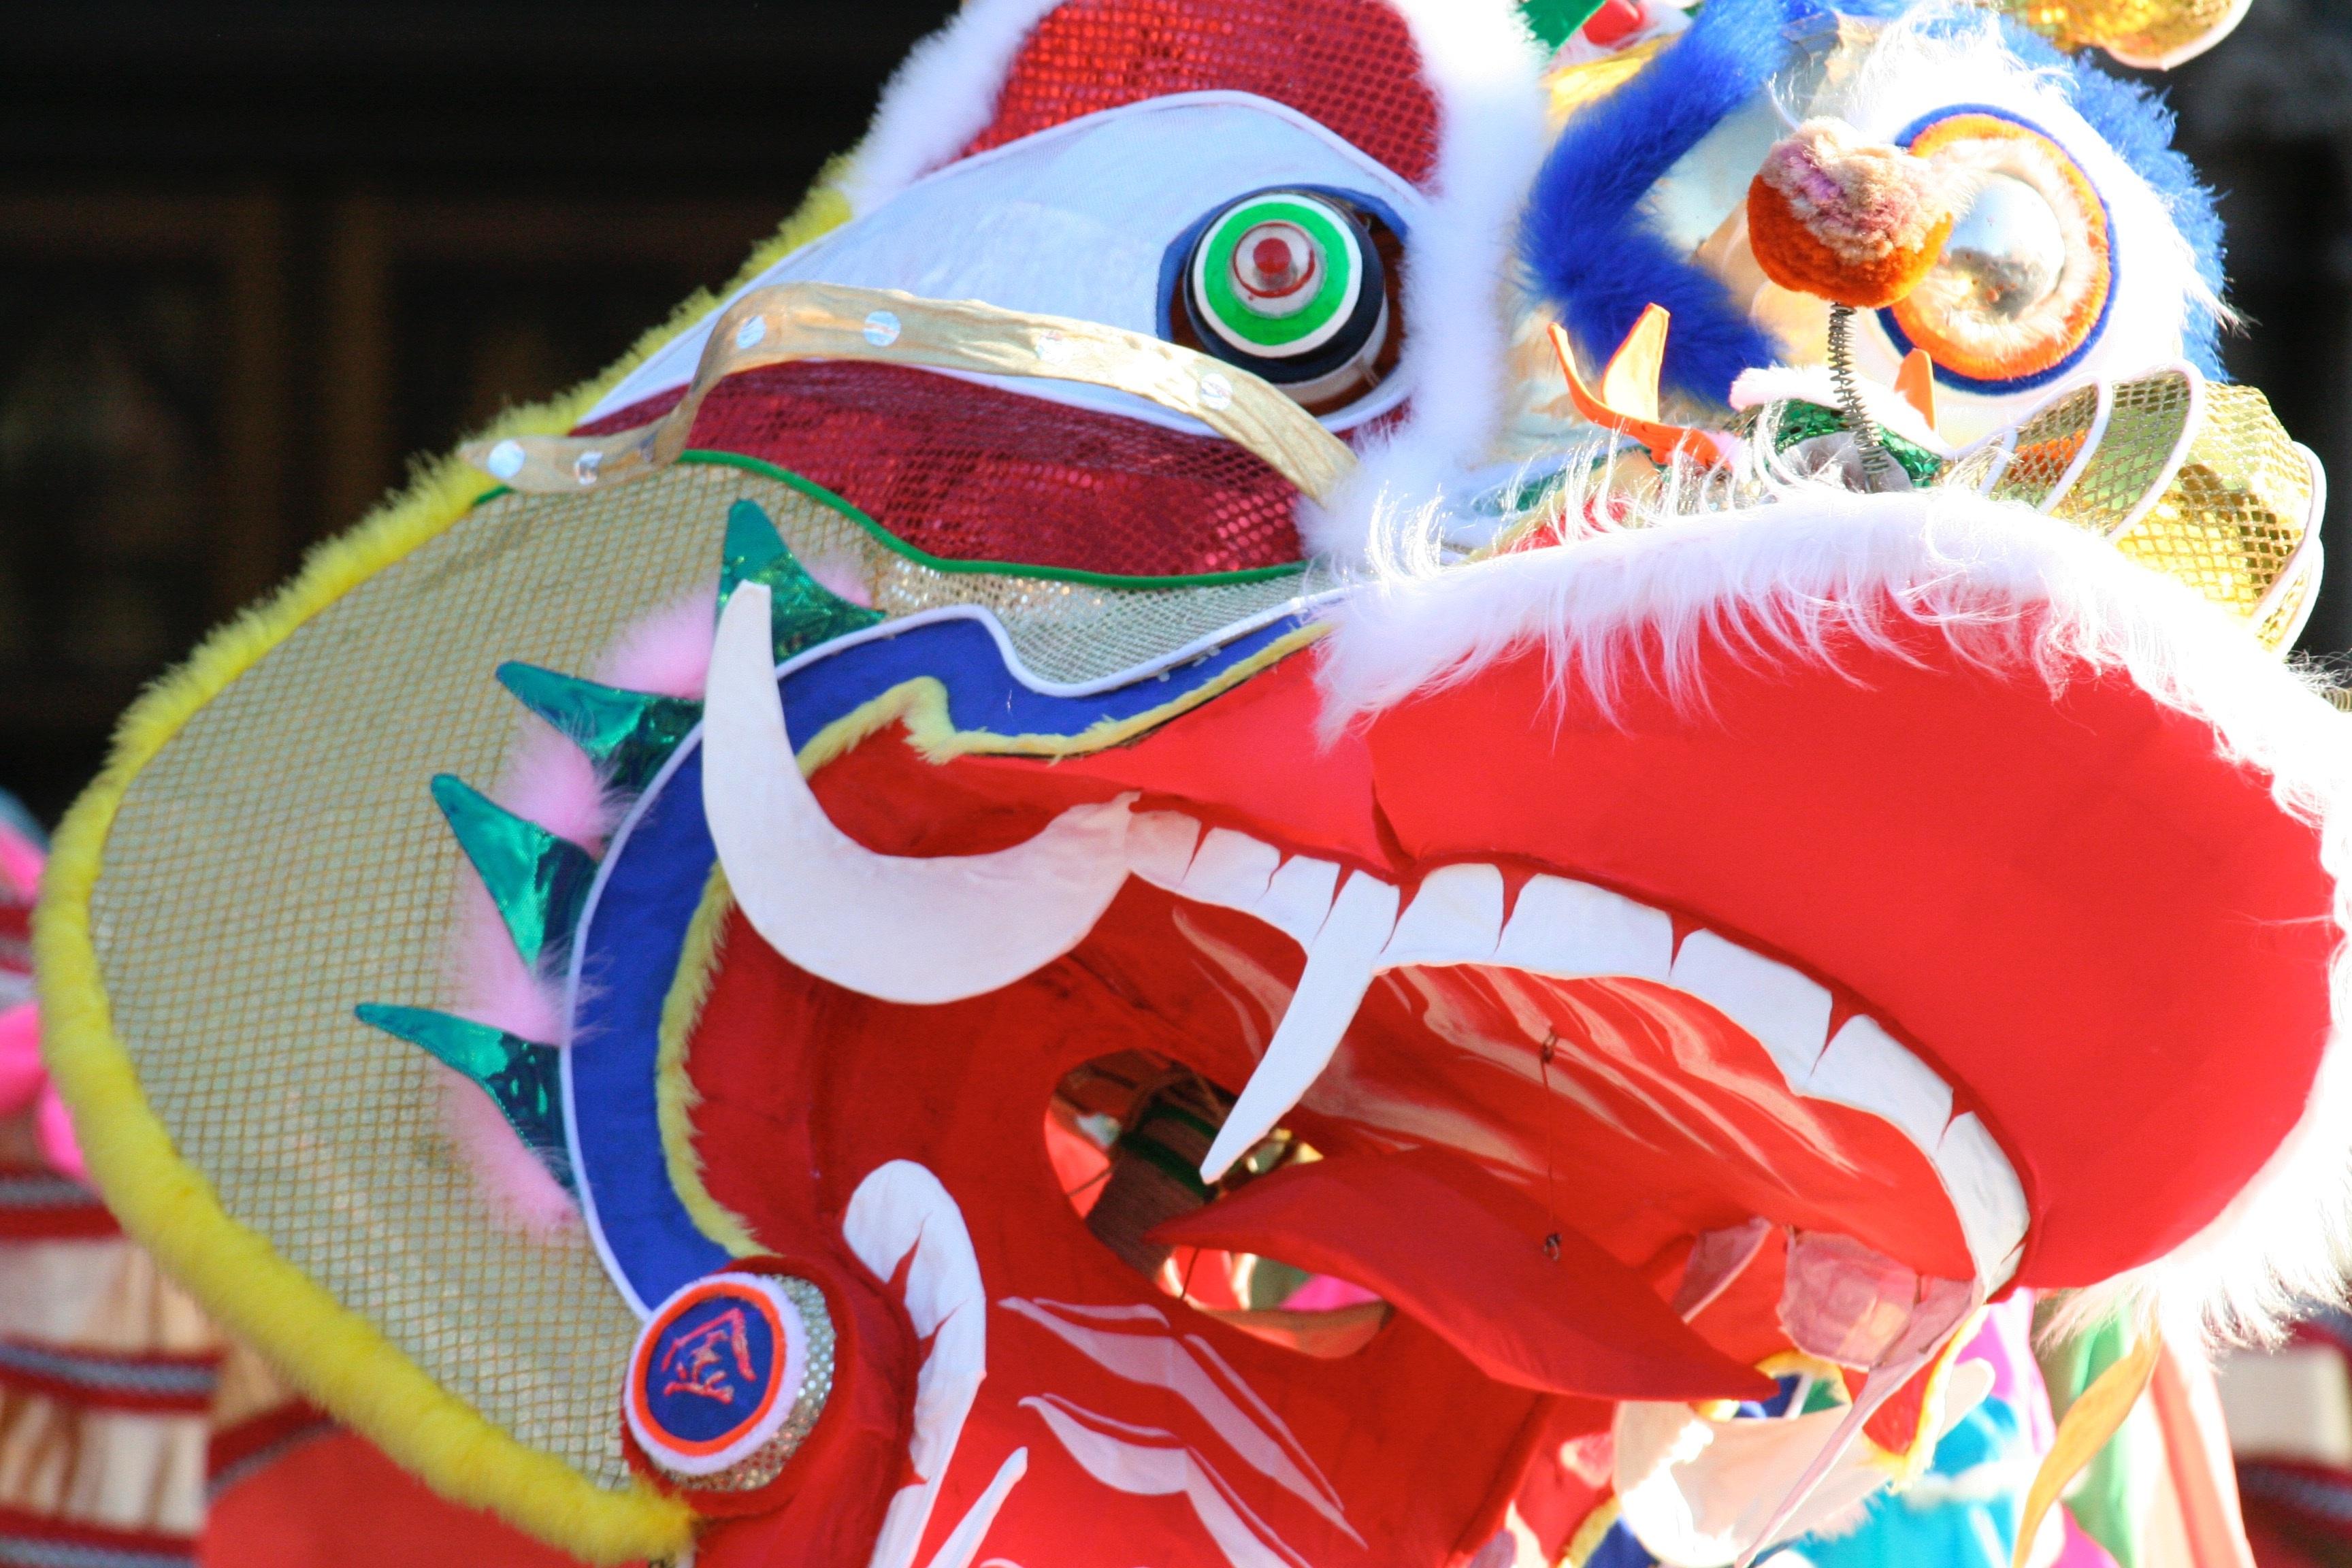 Gambar Cina Karnaval Warna Tahun Baru Festival Naga Peristiwa Seni Drama Tahun Baru Imlek 3456x2304 529156 Galeri Foto Pxhere